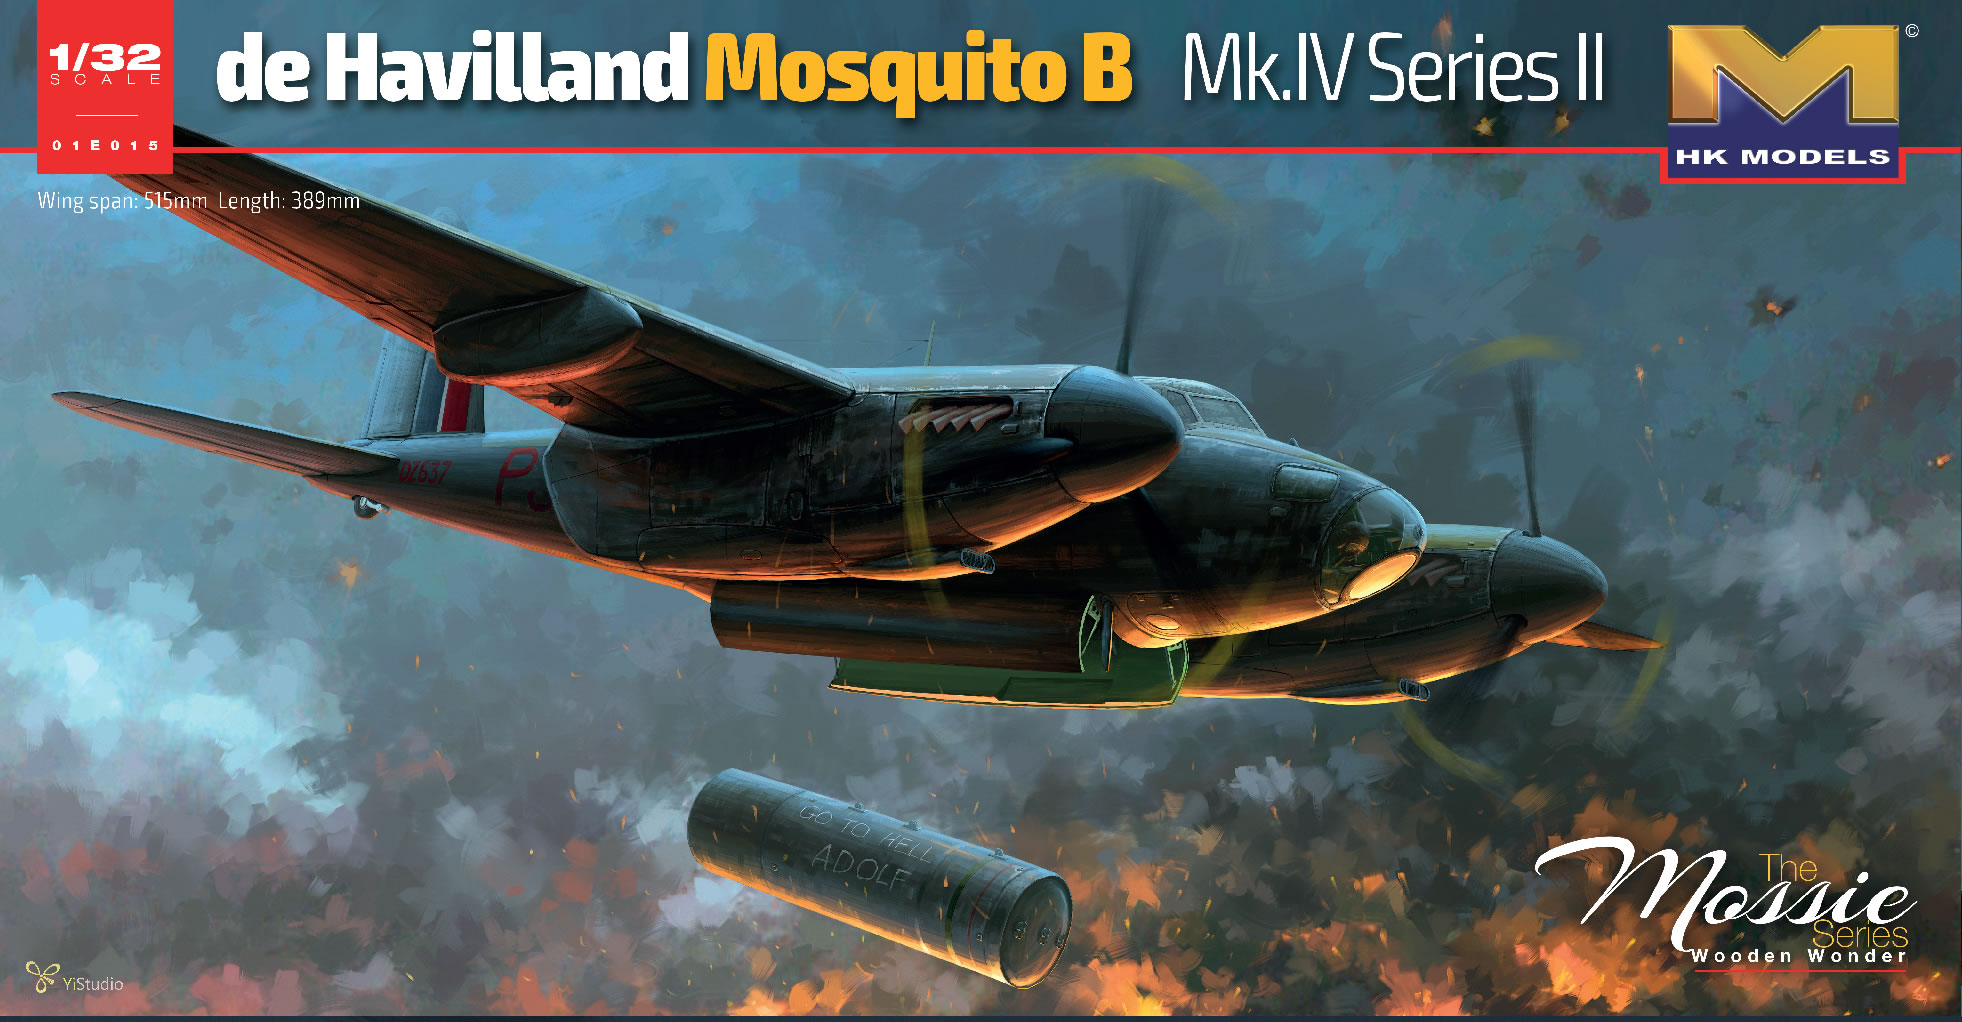 HK Models 1/32 DE Havilland Mosquito MK.IV, Aircraft